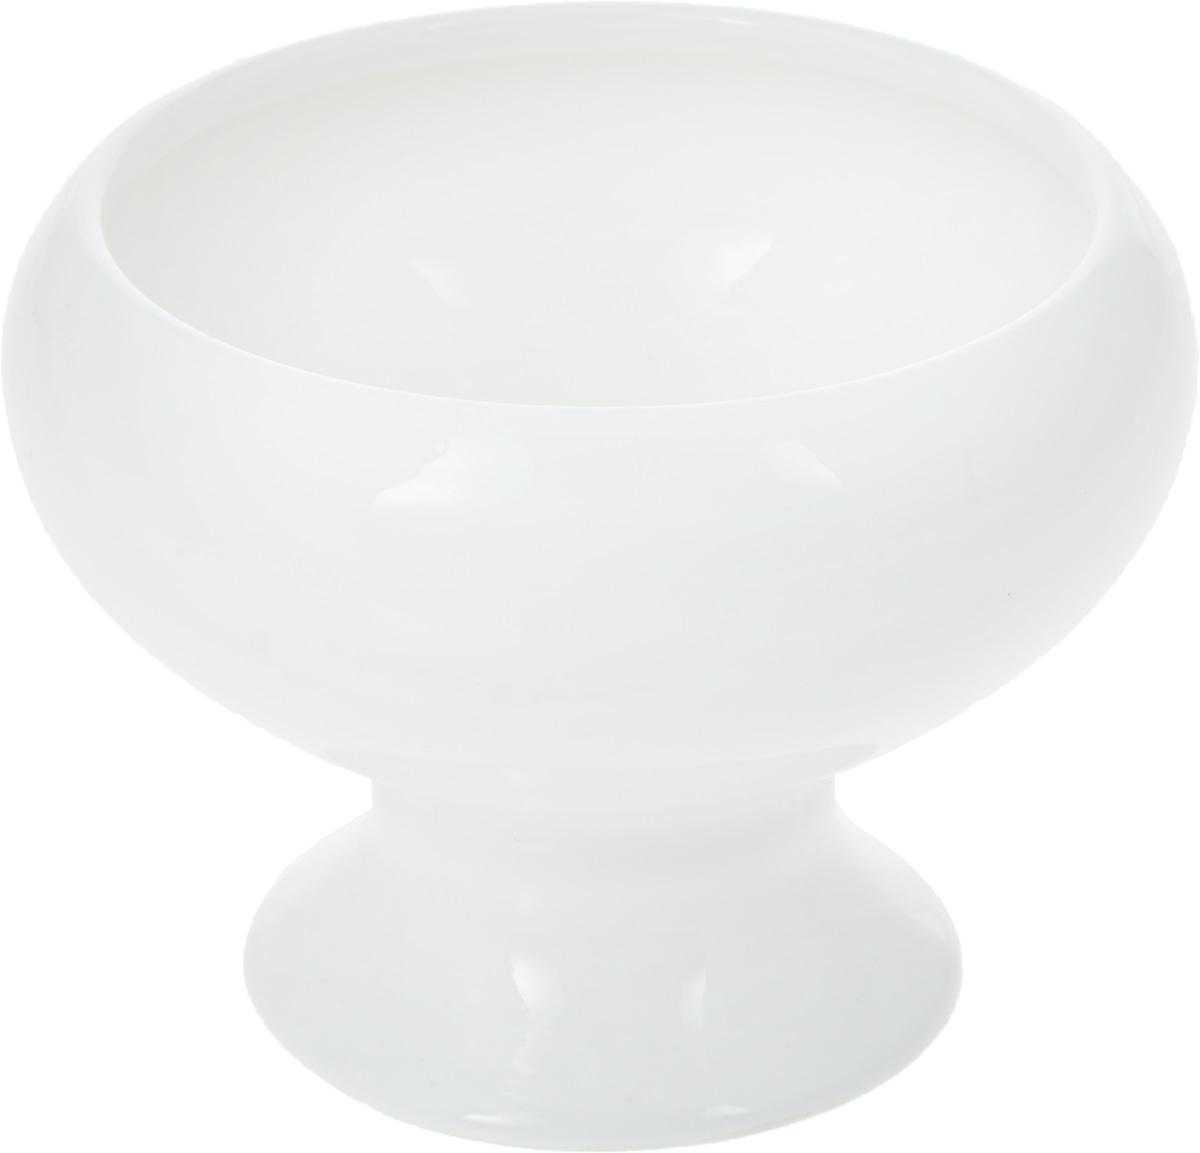 Креманка WilmaxZ2966WКреманка Wilmax изготовлена из высококачественного фарфора, покрытого глазурью. Изделие предназначено для подачи мороженого и различных десертов, также может использоваться для хранения варенья, меда, джемов. Такая креманка пригодится в любом хозяйстве, она подойдет как для праздничного стола, так и для повседневного использования. Изделие функциональное, практичное и легкое в уходе. Диаметр креманки (по верхнему краю): 9 см. Внешний диаметр креманки: 11 см. Высота креманки: 8 см.